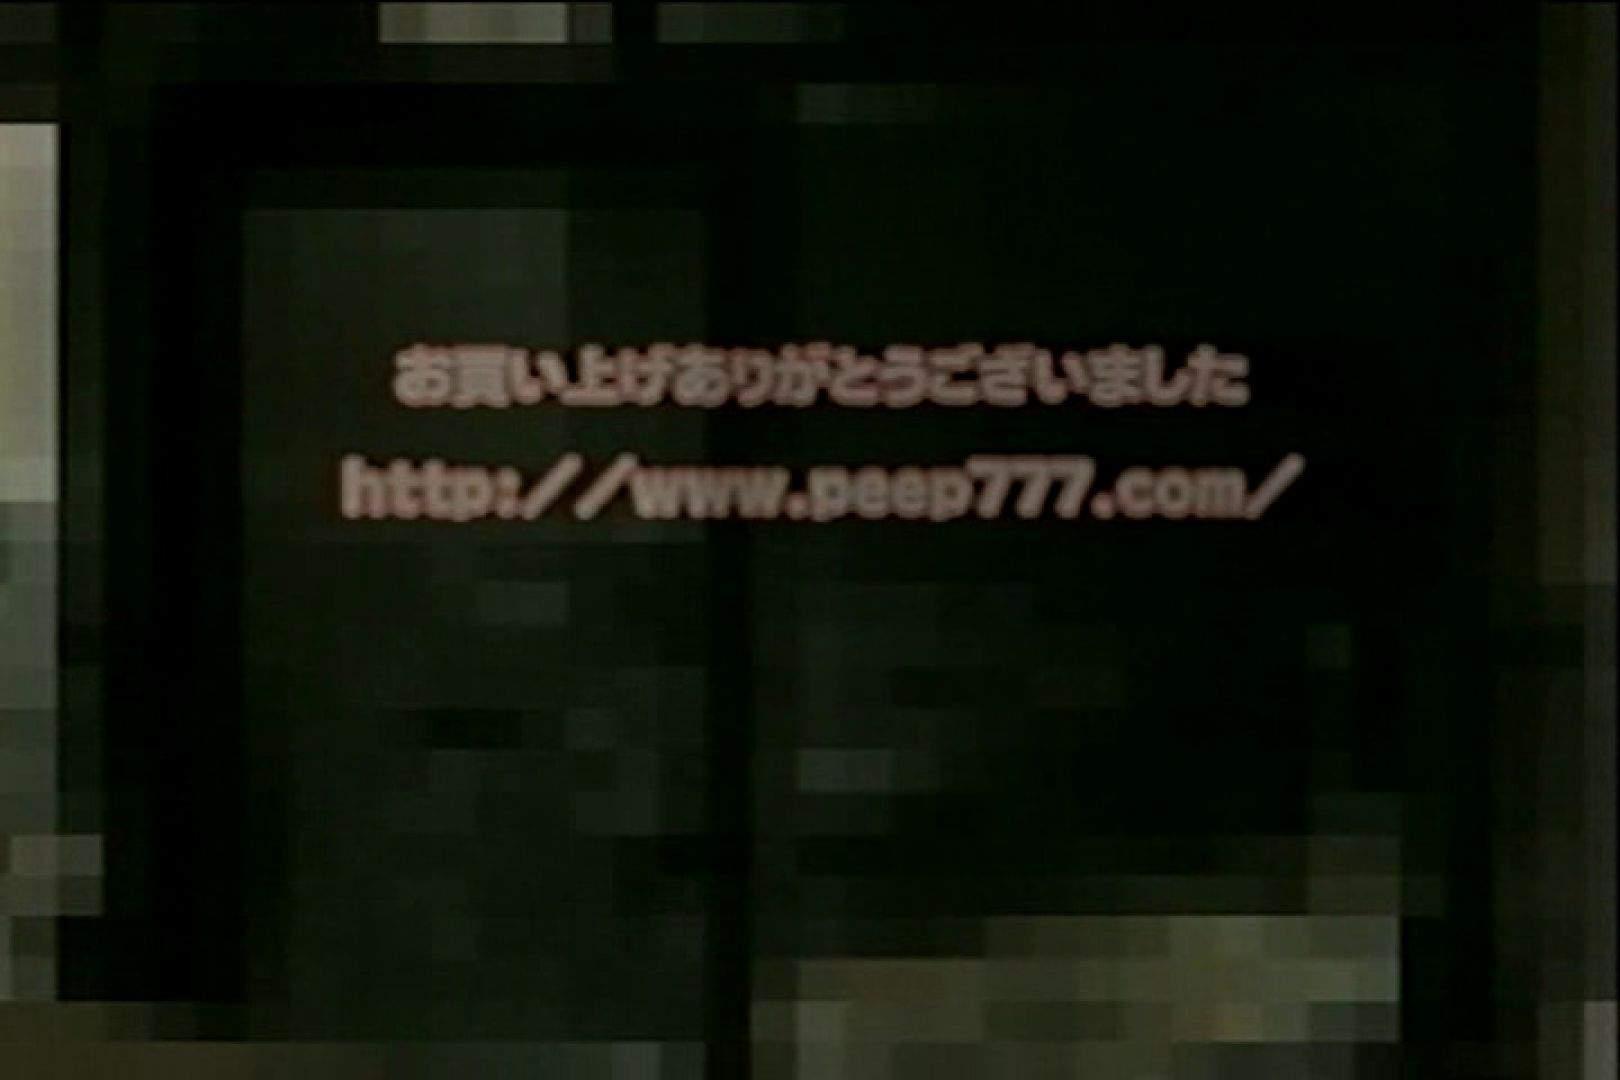 関西発!タツヤのDV直撮り大追跡!!! Vol.13 追跡  91画像 26